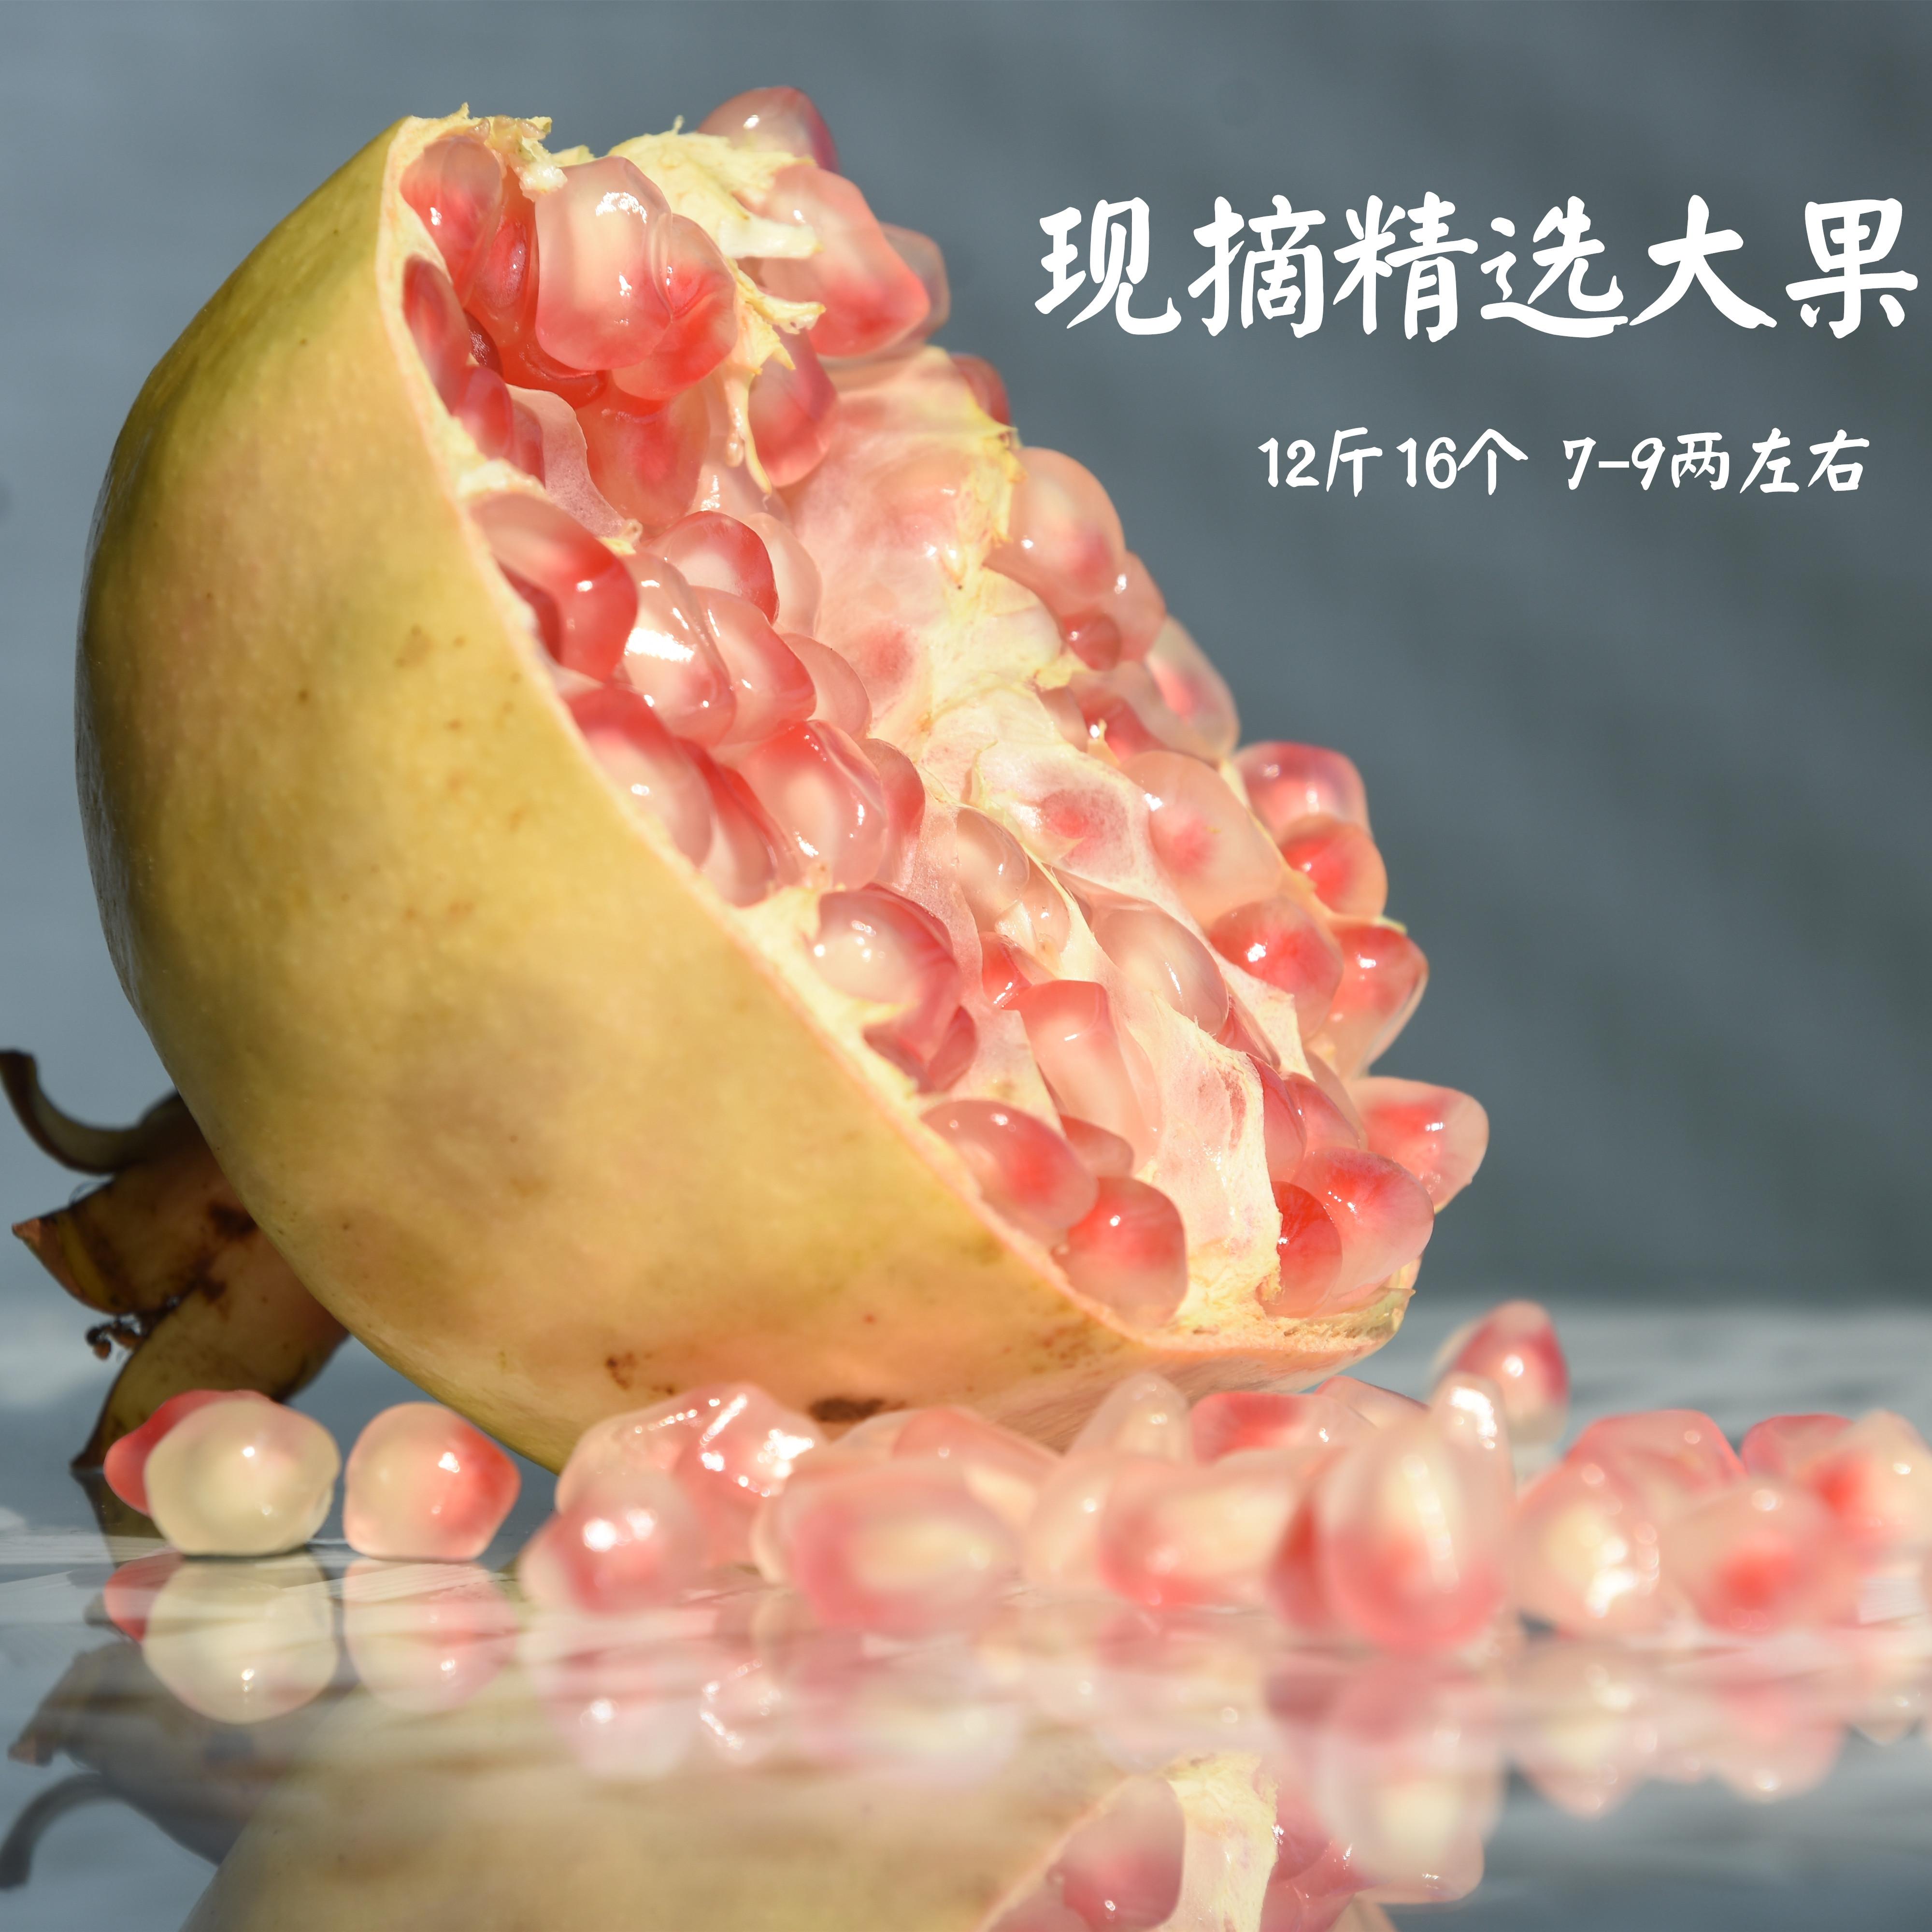 蒙自石榴 八年坚持 新鲜水果云南特产薄皮甜石榴果园直发包邮